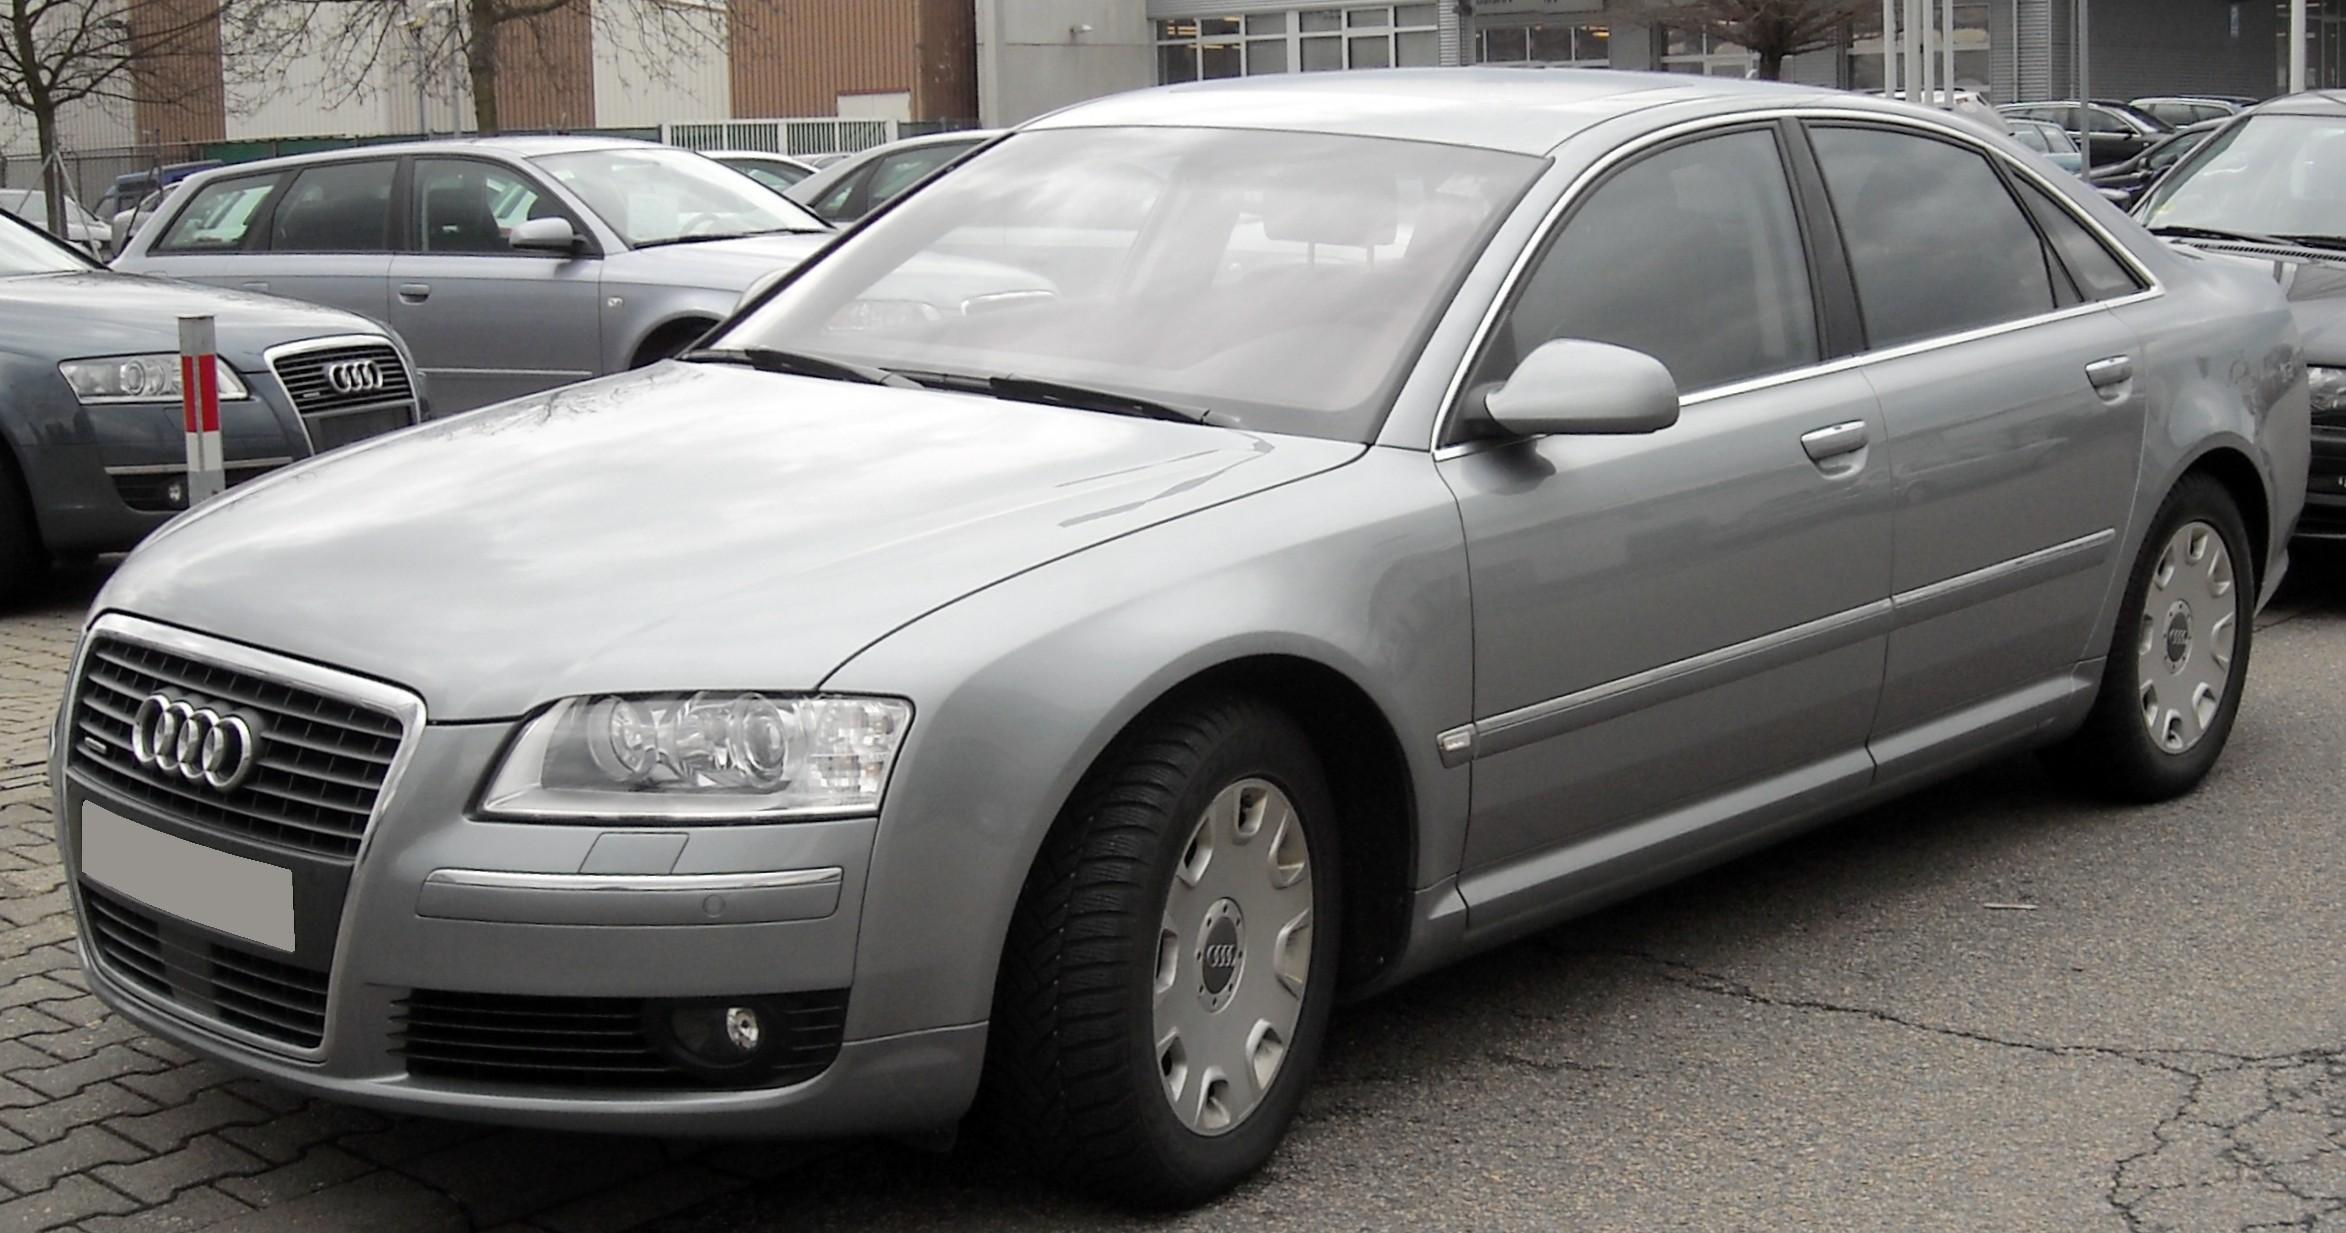 Audi A8 — Википедия